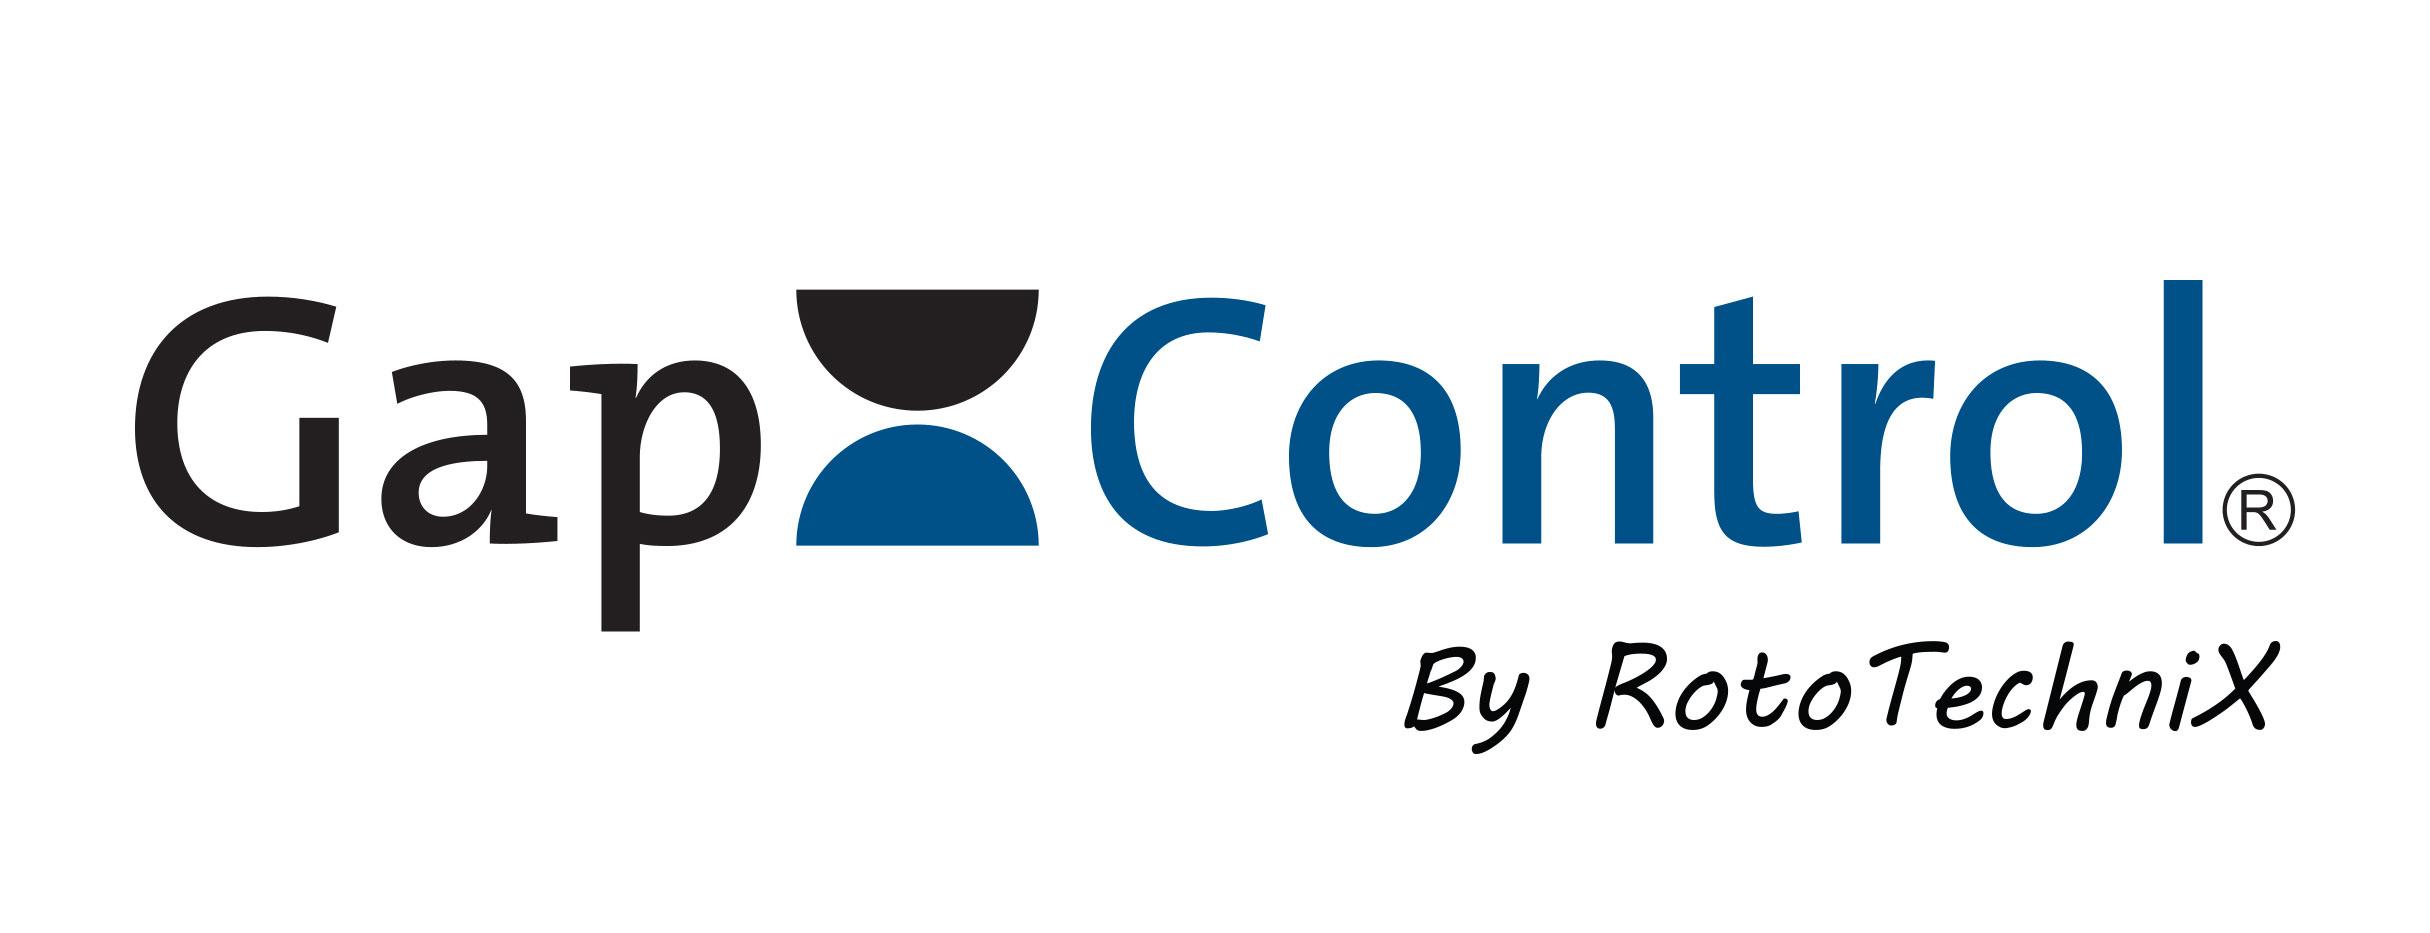 GapControl by Rototechnix